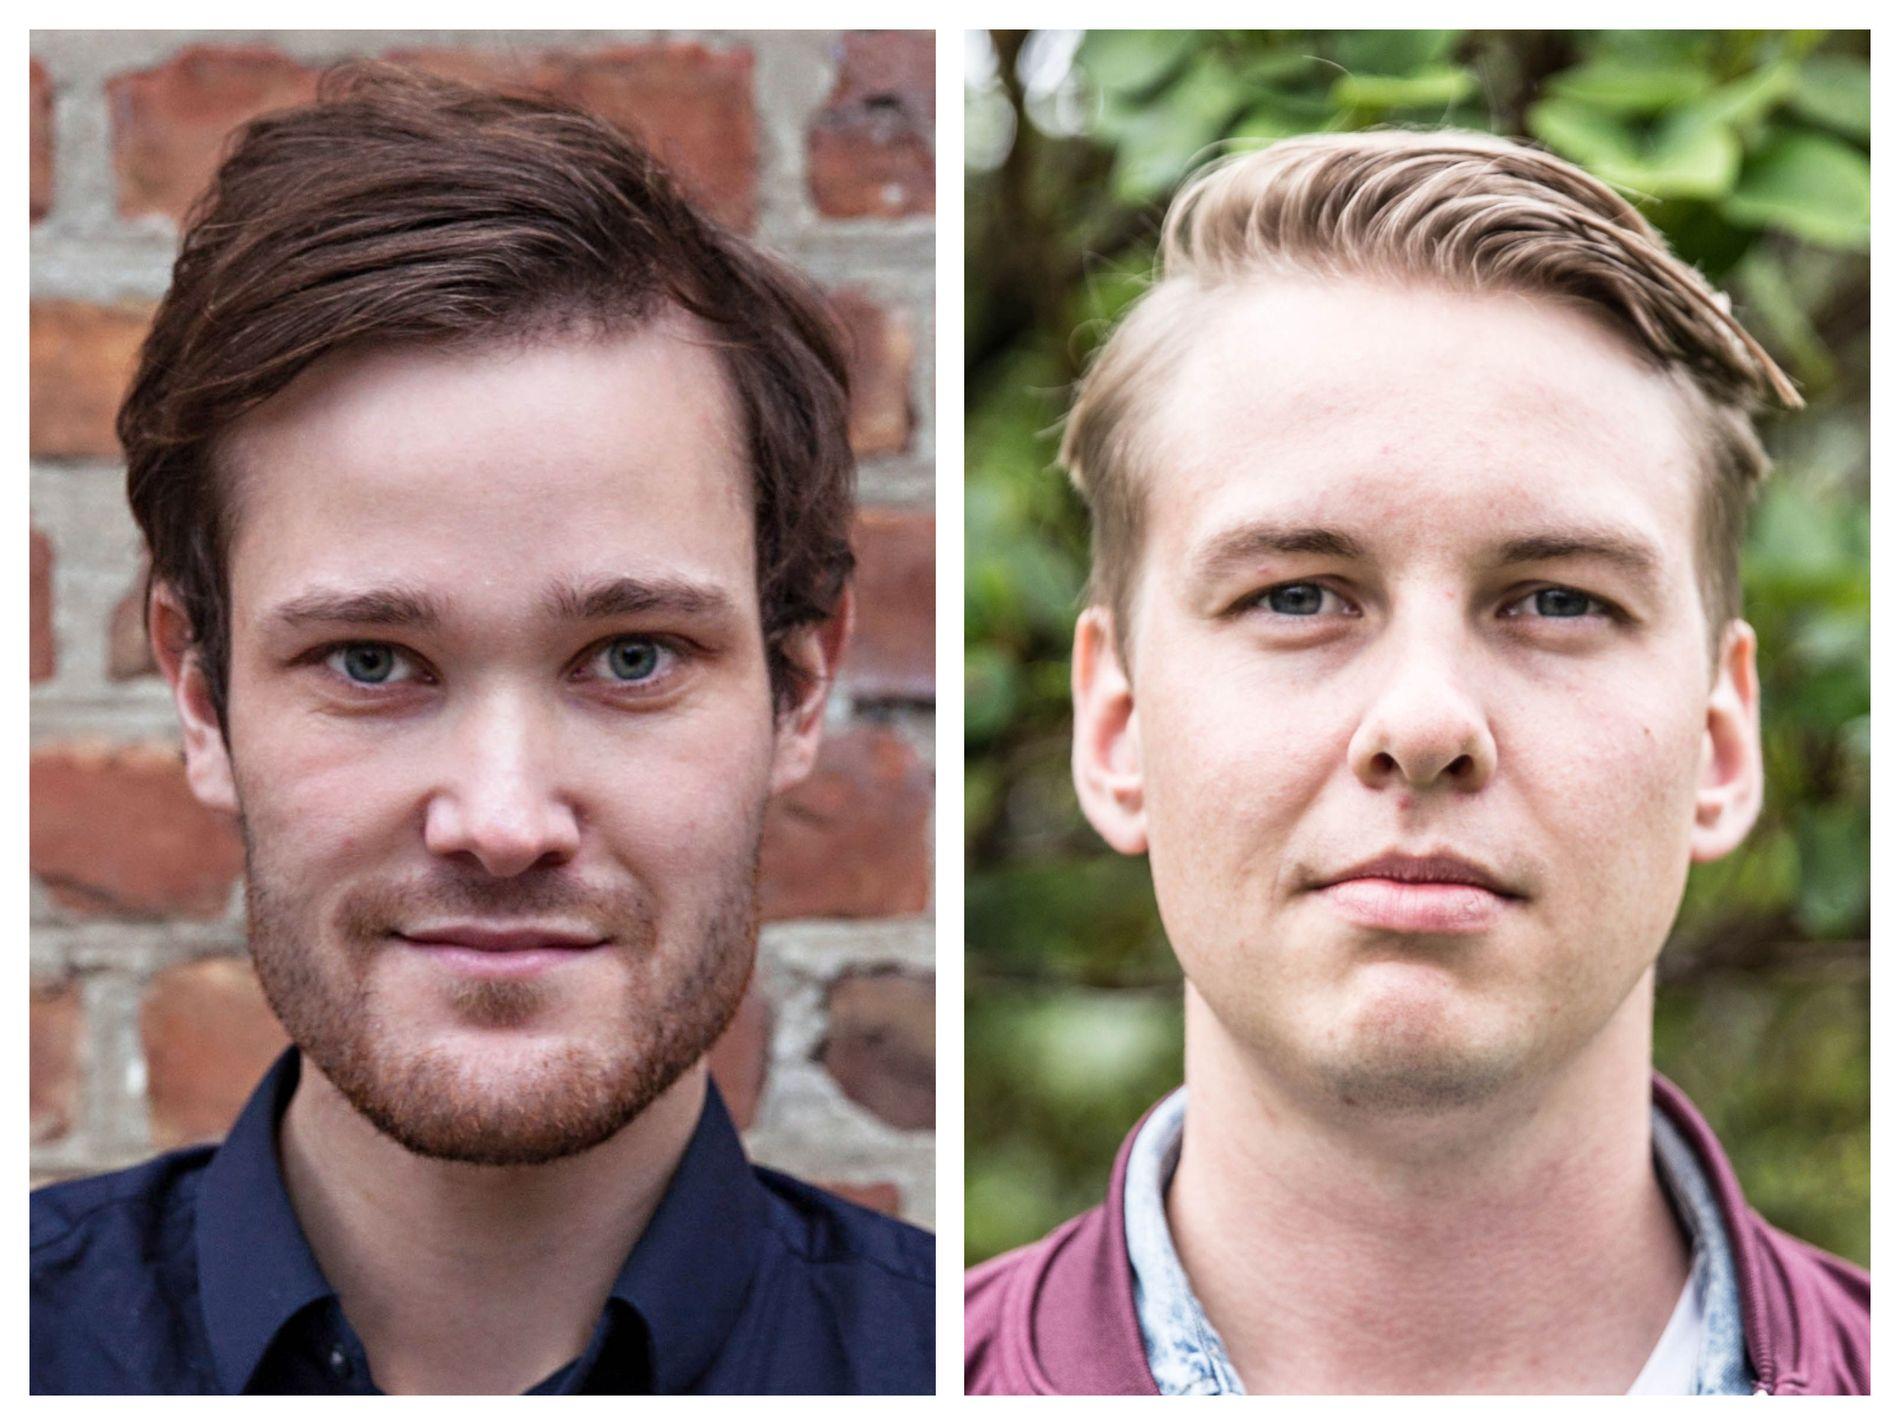 SPØR: Truls-Einar Johnsen og Nikolai Klæboe har noen spørsmål til Folkeaksjonen Nei til mer bompenger.